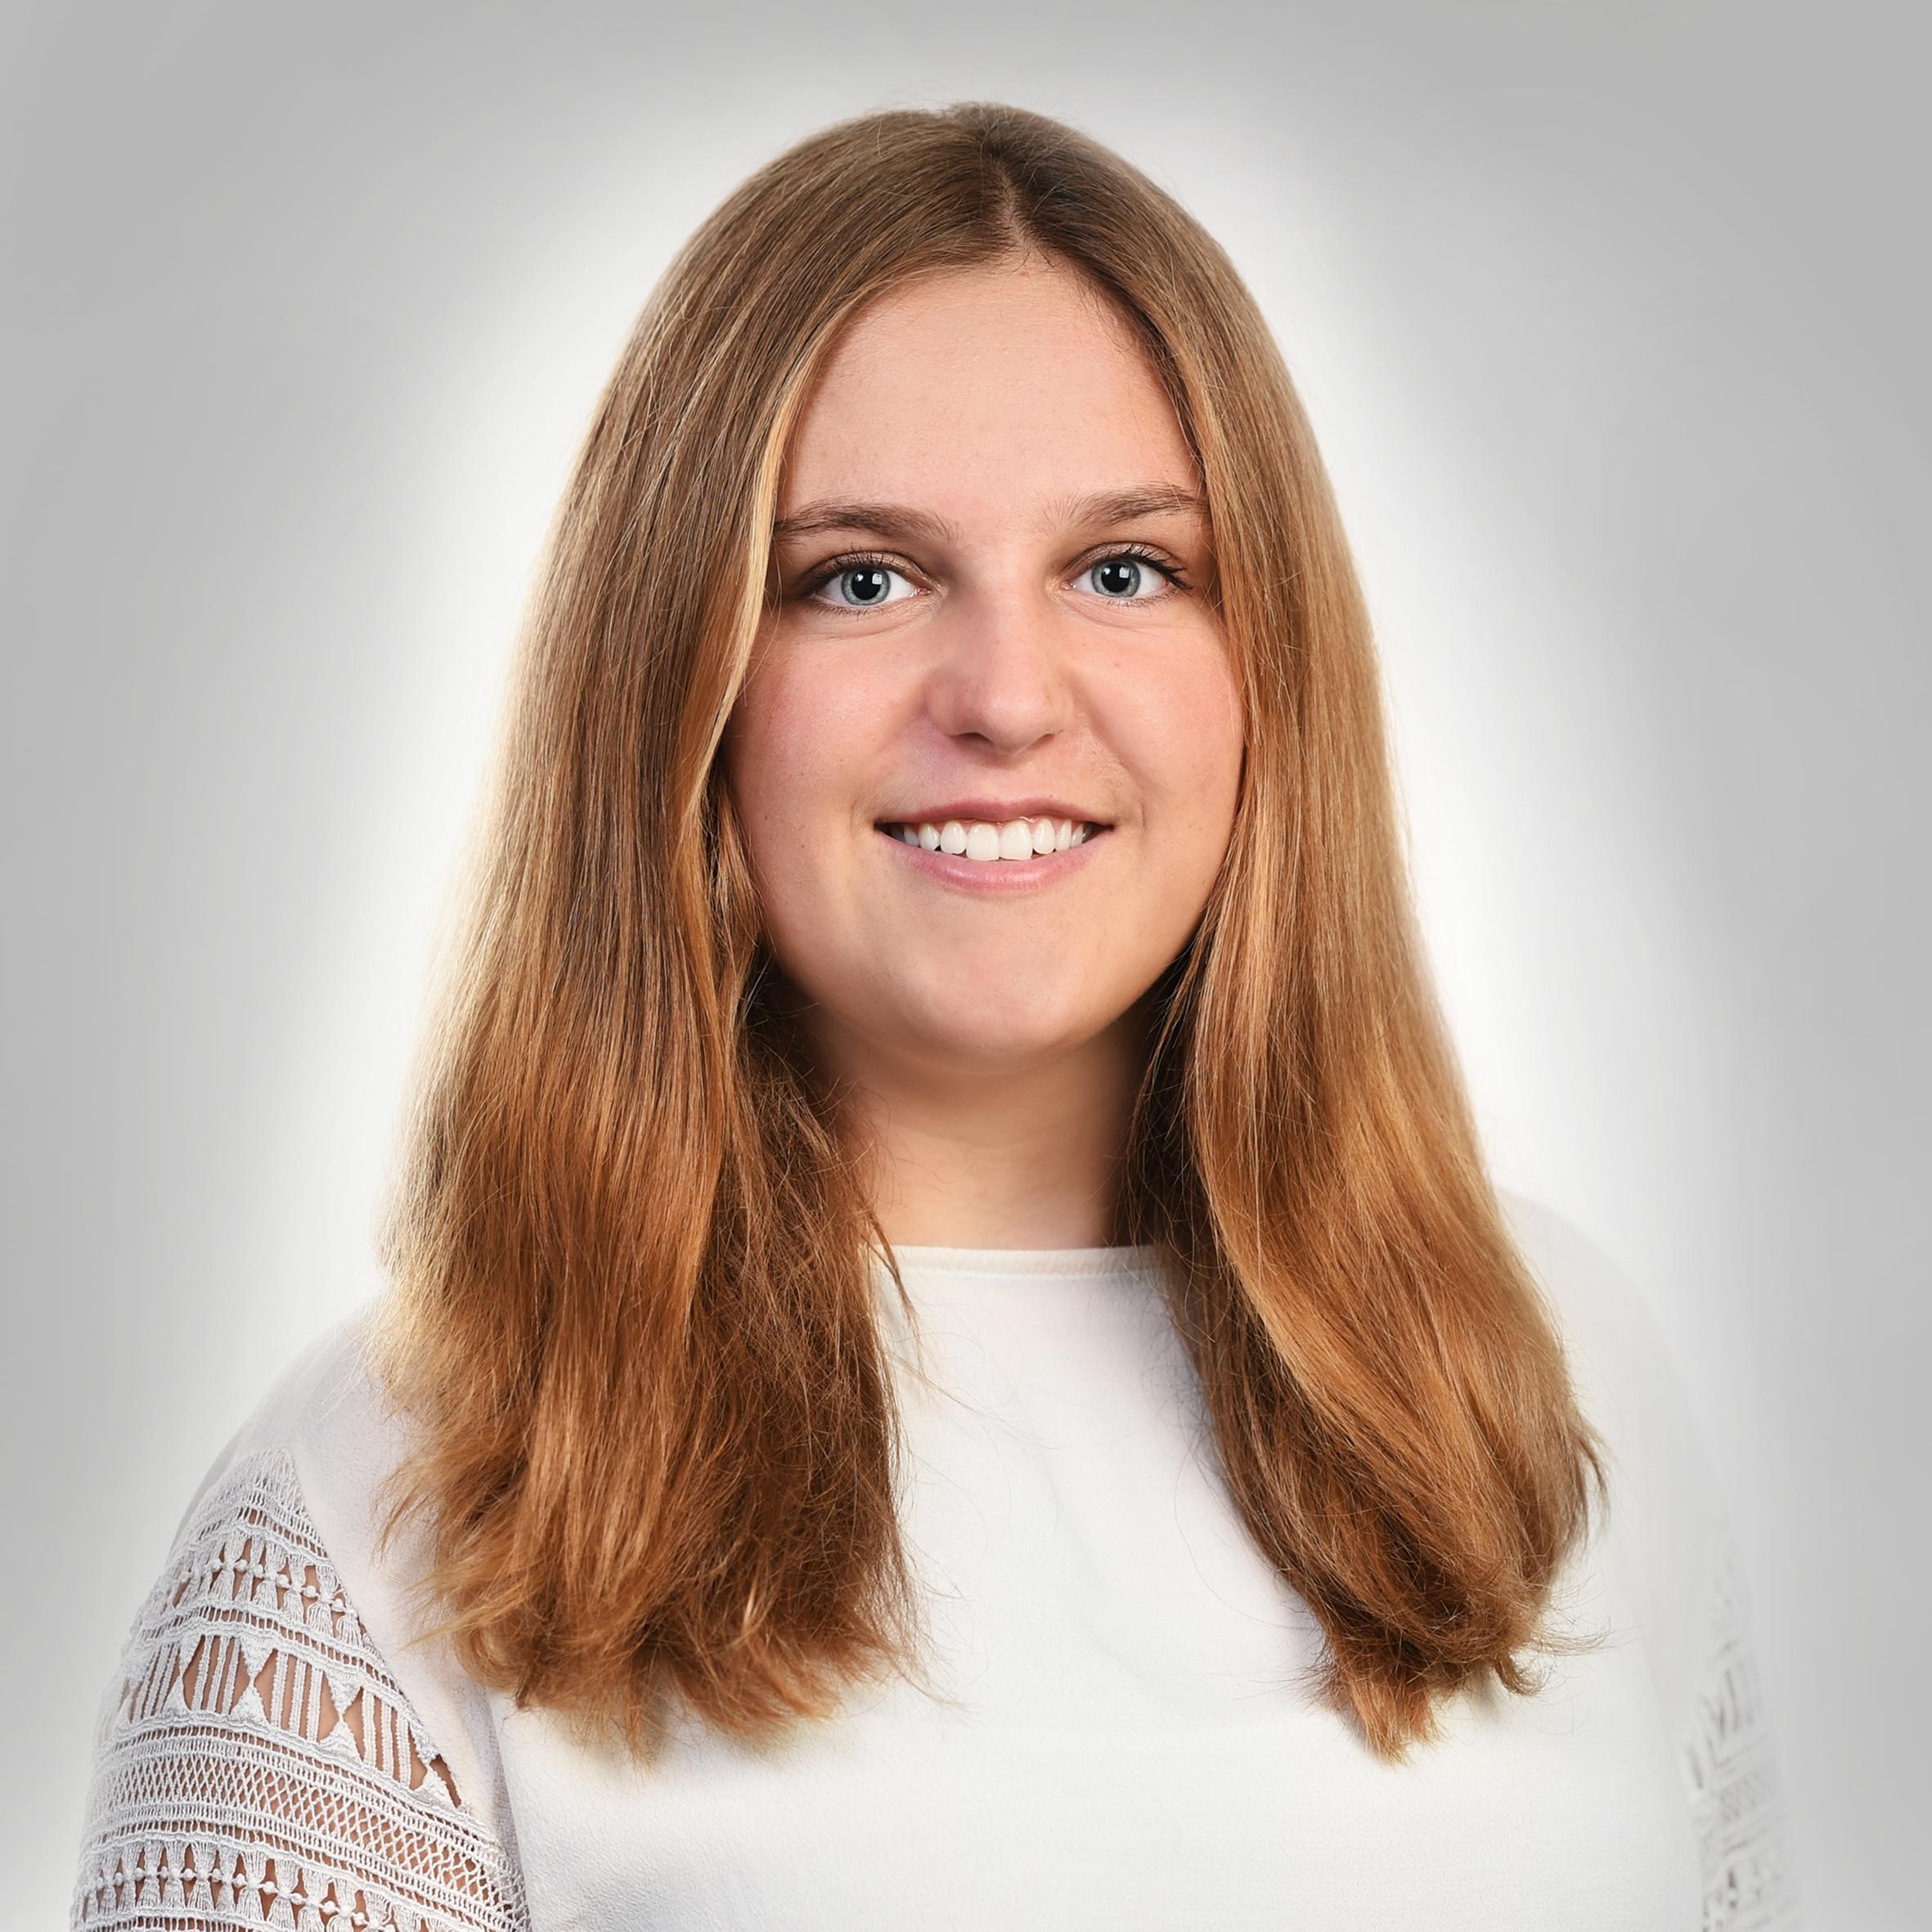 Jana Lohner   Jana Lohner absolviert ihre Lehre zur Fachfrau Betreuung Kind in unserer Kita Zauberlehrling. Jana befindet sich im zweiten Lehrjahr.